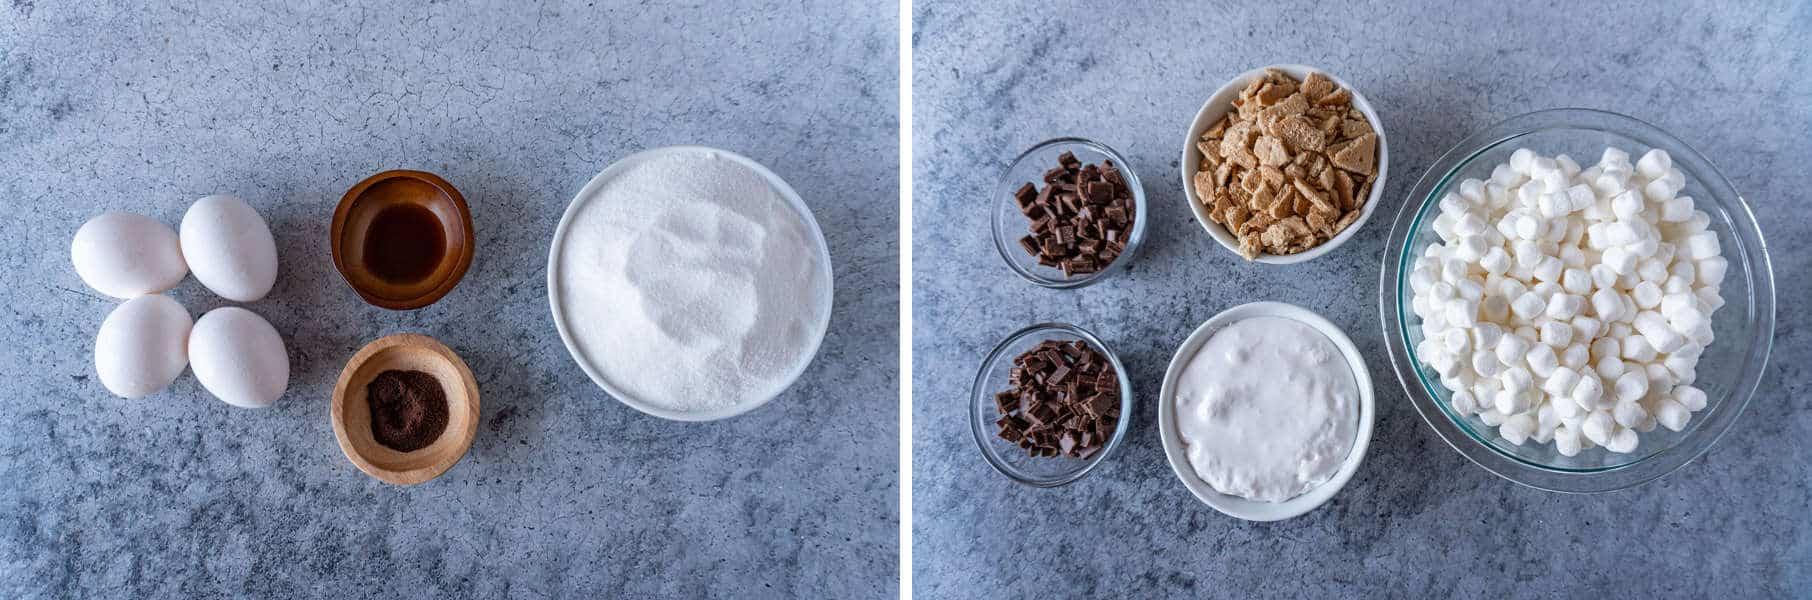 S'mores Brownies Ingredients